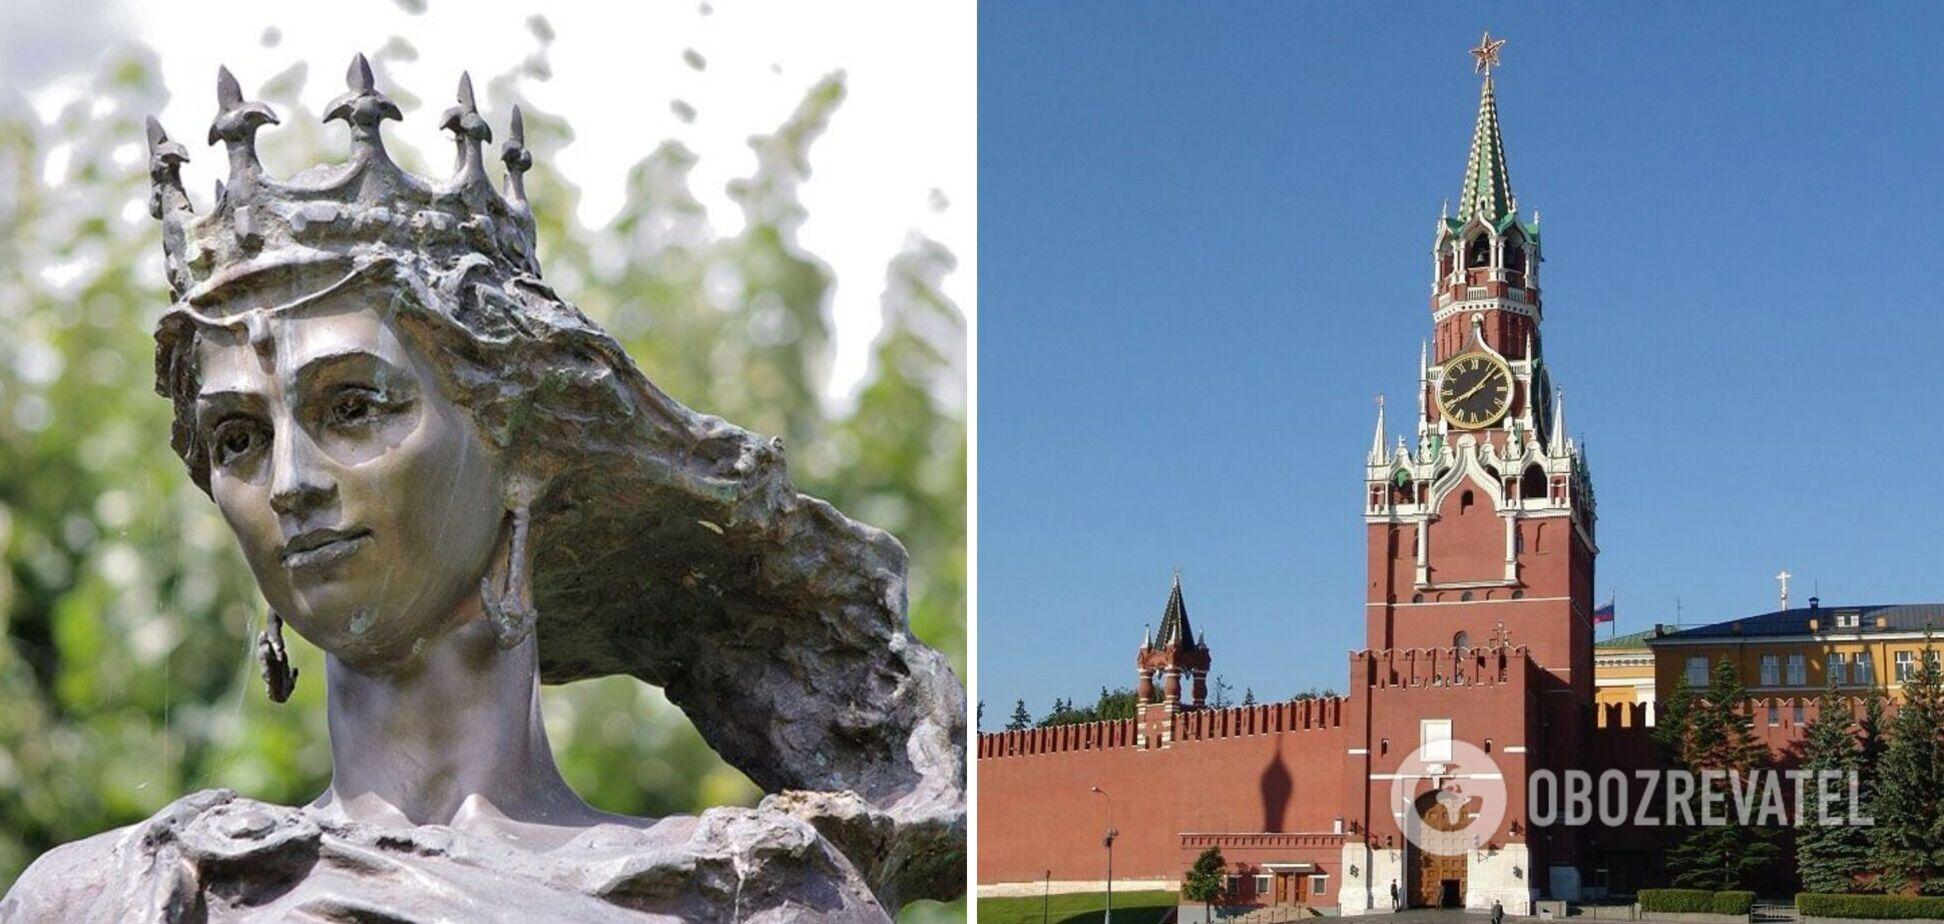 Фейковый 'камень дружбы': как Франция помогает Кремлю присваивать украинское историческое наследие